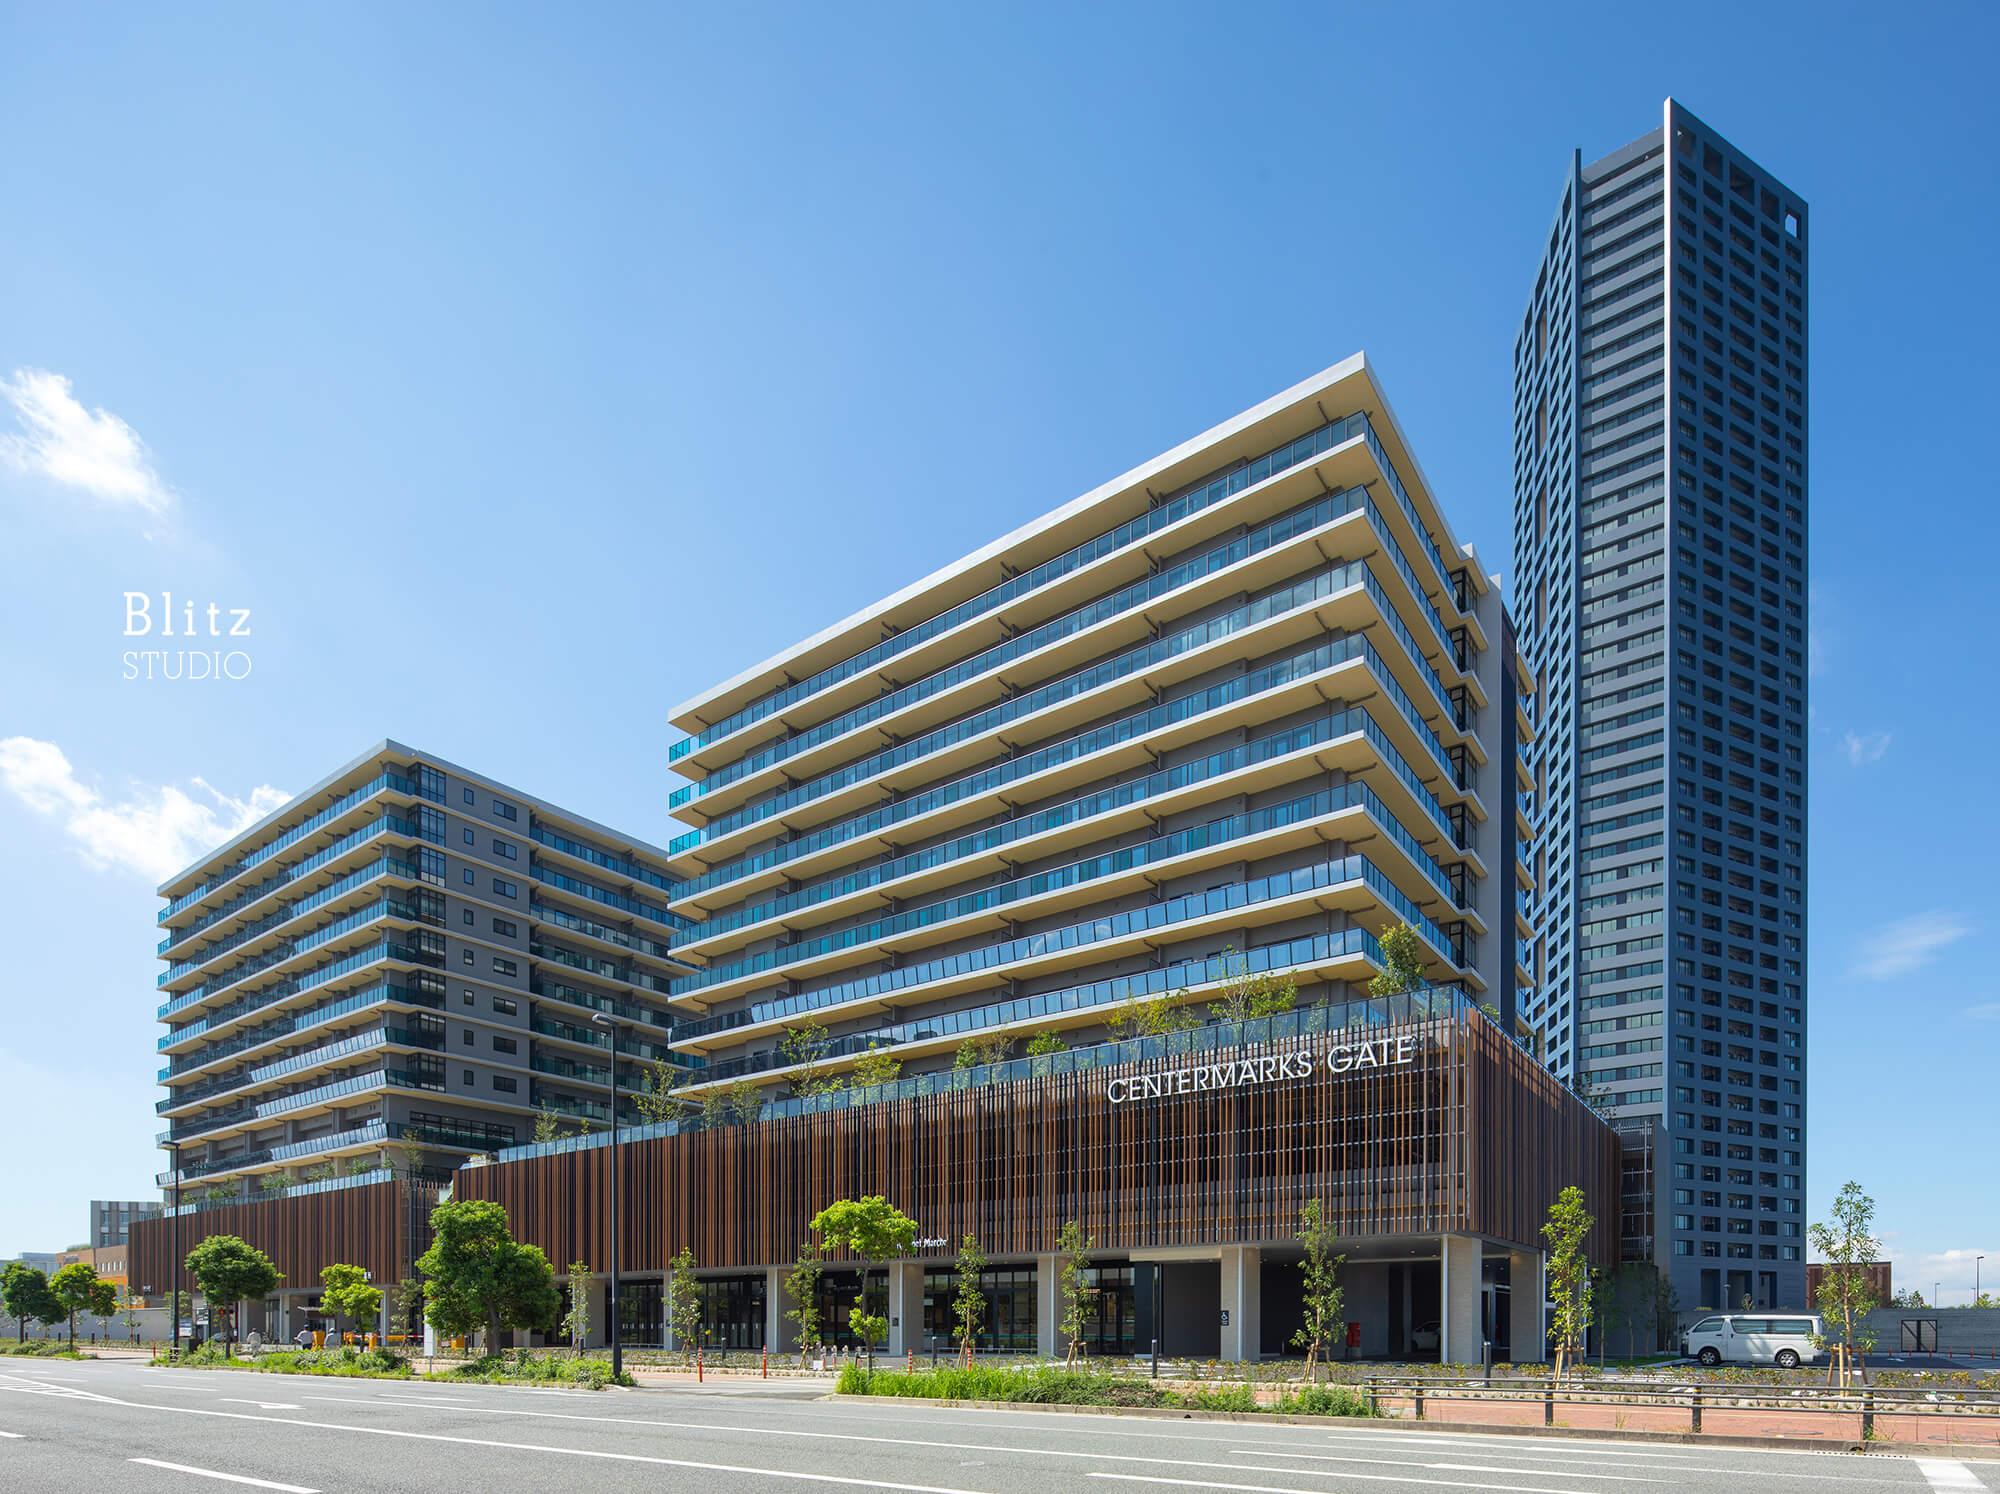 『センターマークスゲート』-福岡県福岡市-建築写真・竣工写真・インテリア写真1